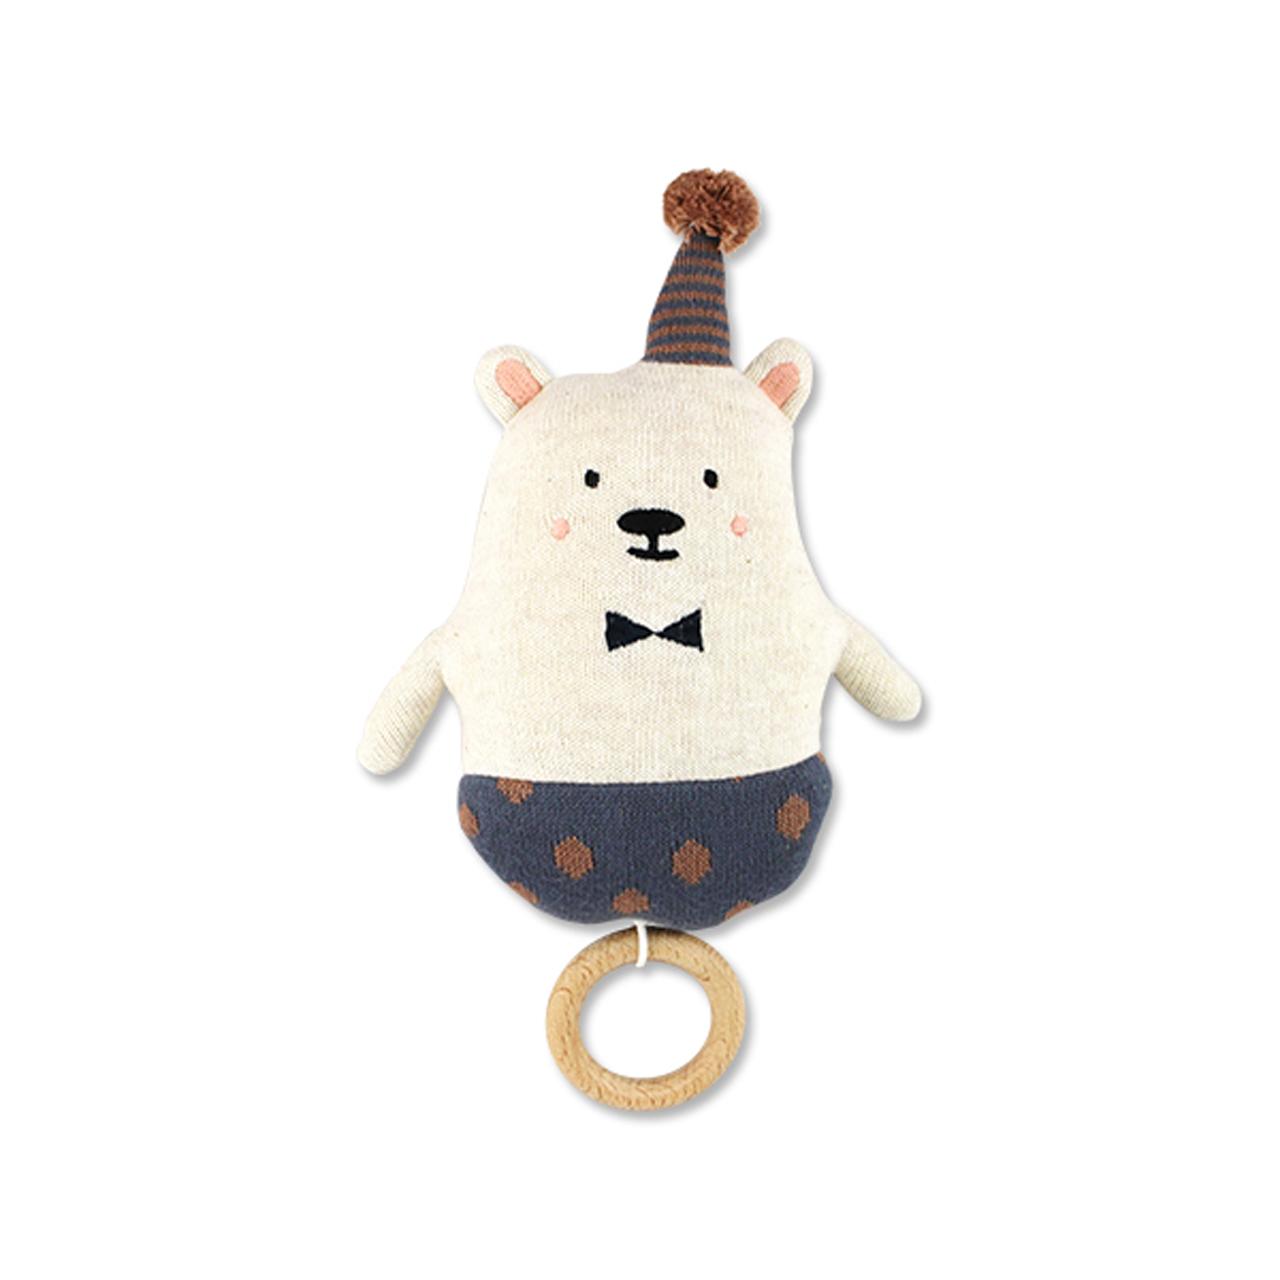 Ava&Yves Spieluhr Eisbär mit Hütchen Hut Bio-Baumwolle waschbar - zuckerfrei   Kids Concept Store